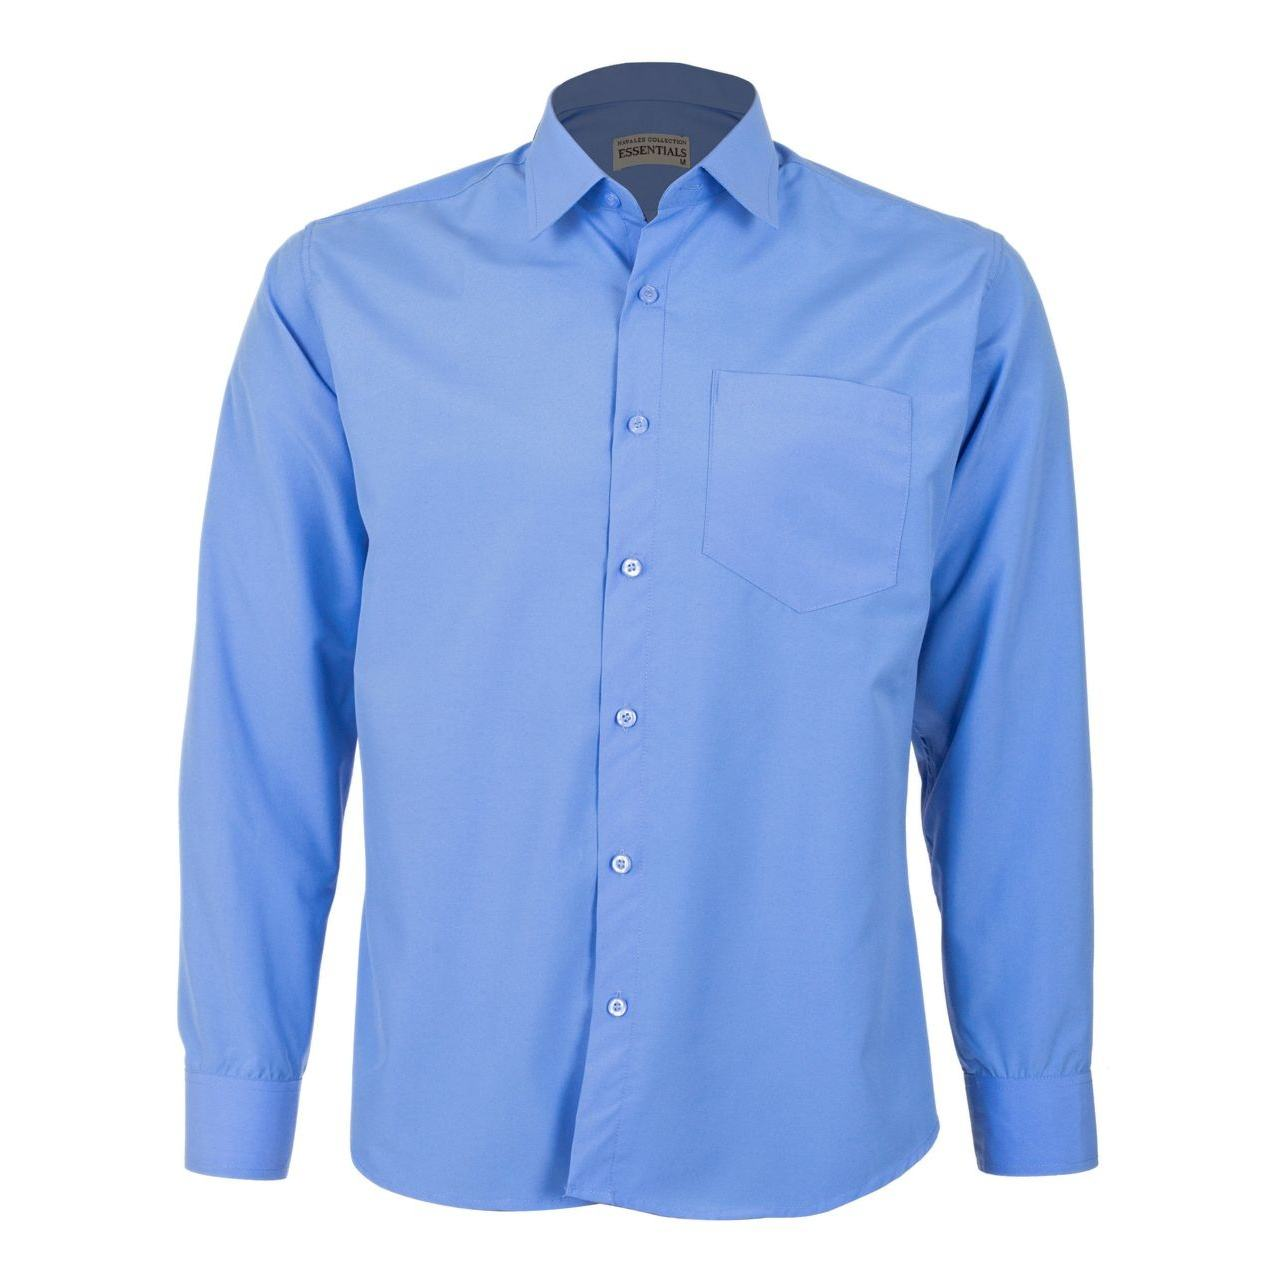 پیراهن مردانه ناوالس کد RegularFit-Tet-bl -  - 2